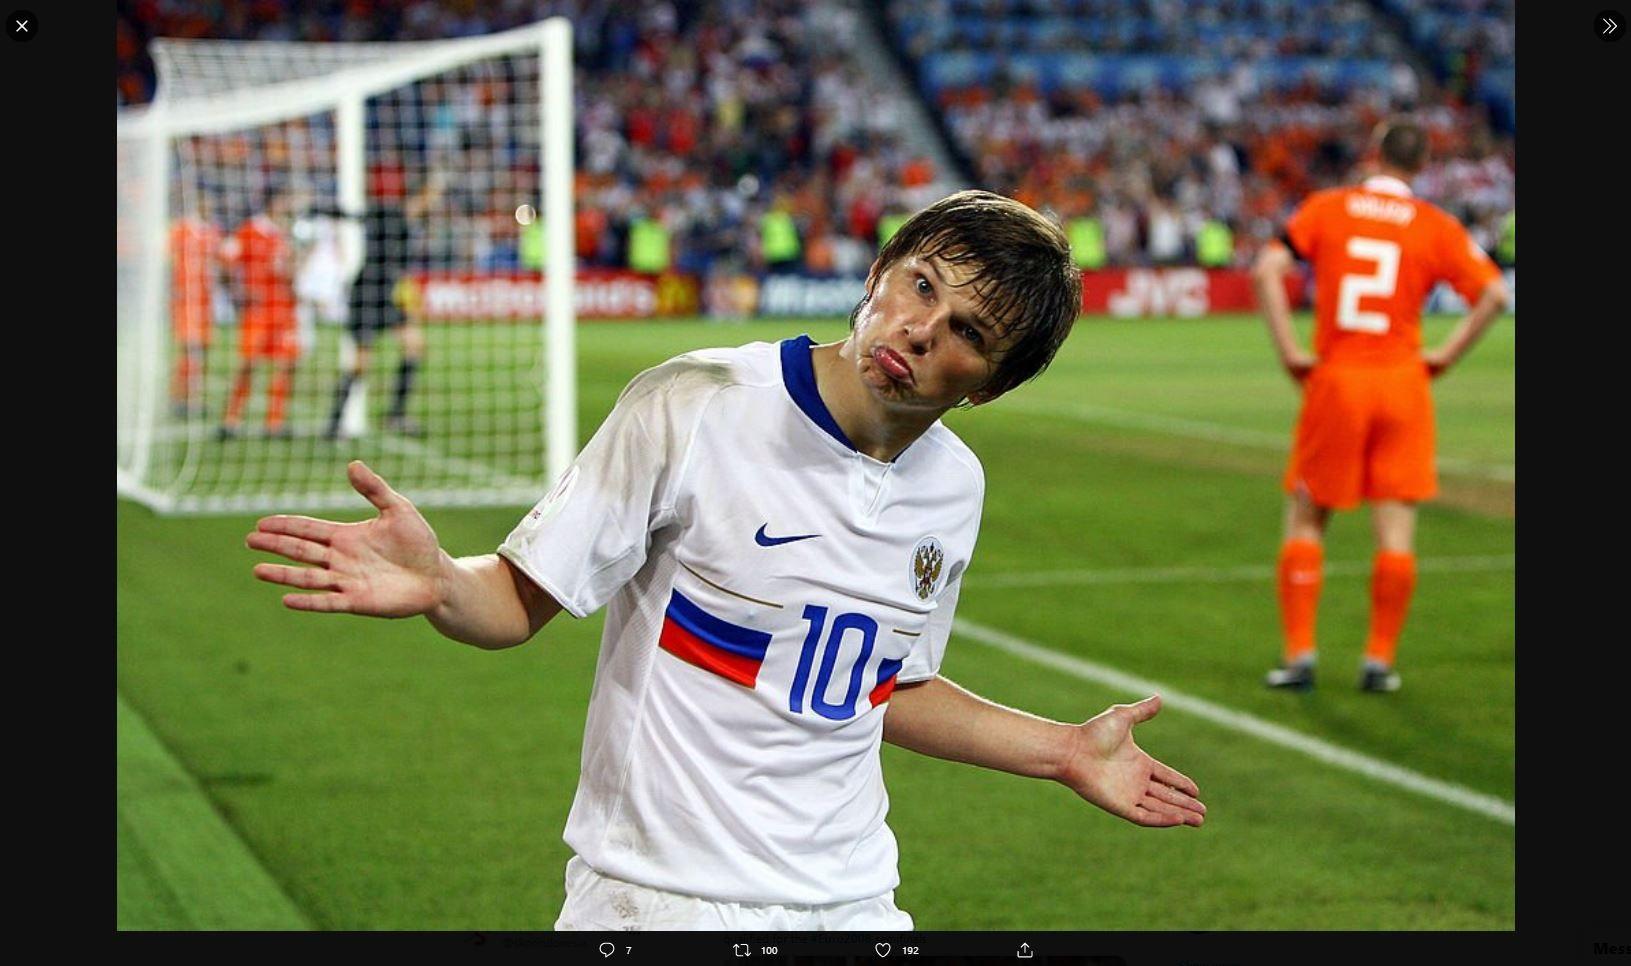 Bintang timnas Rusia saat menghadapi Belanda pada Piala Eropa 2008 (Euro 2008), Andrey Arshavin.